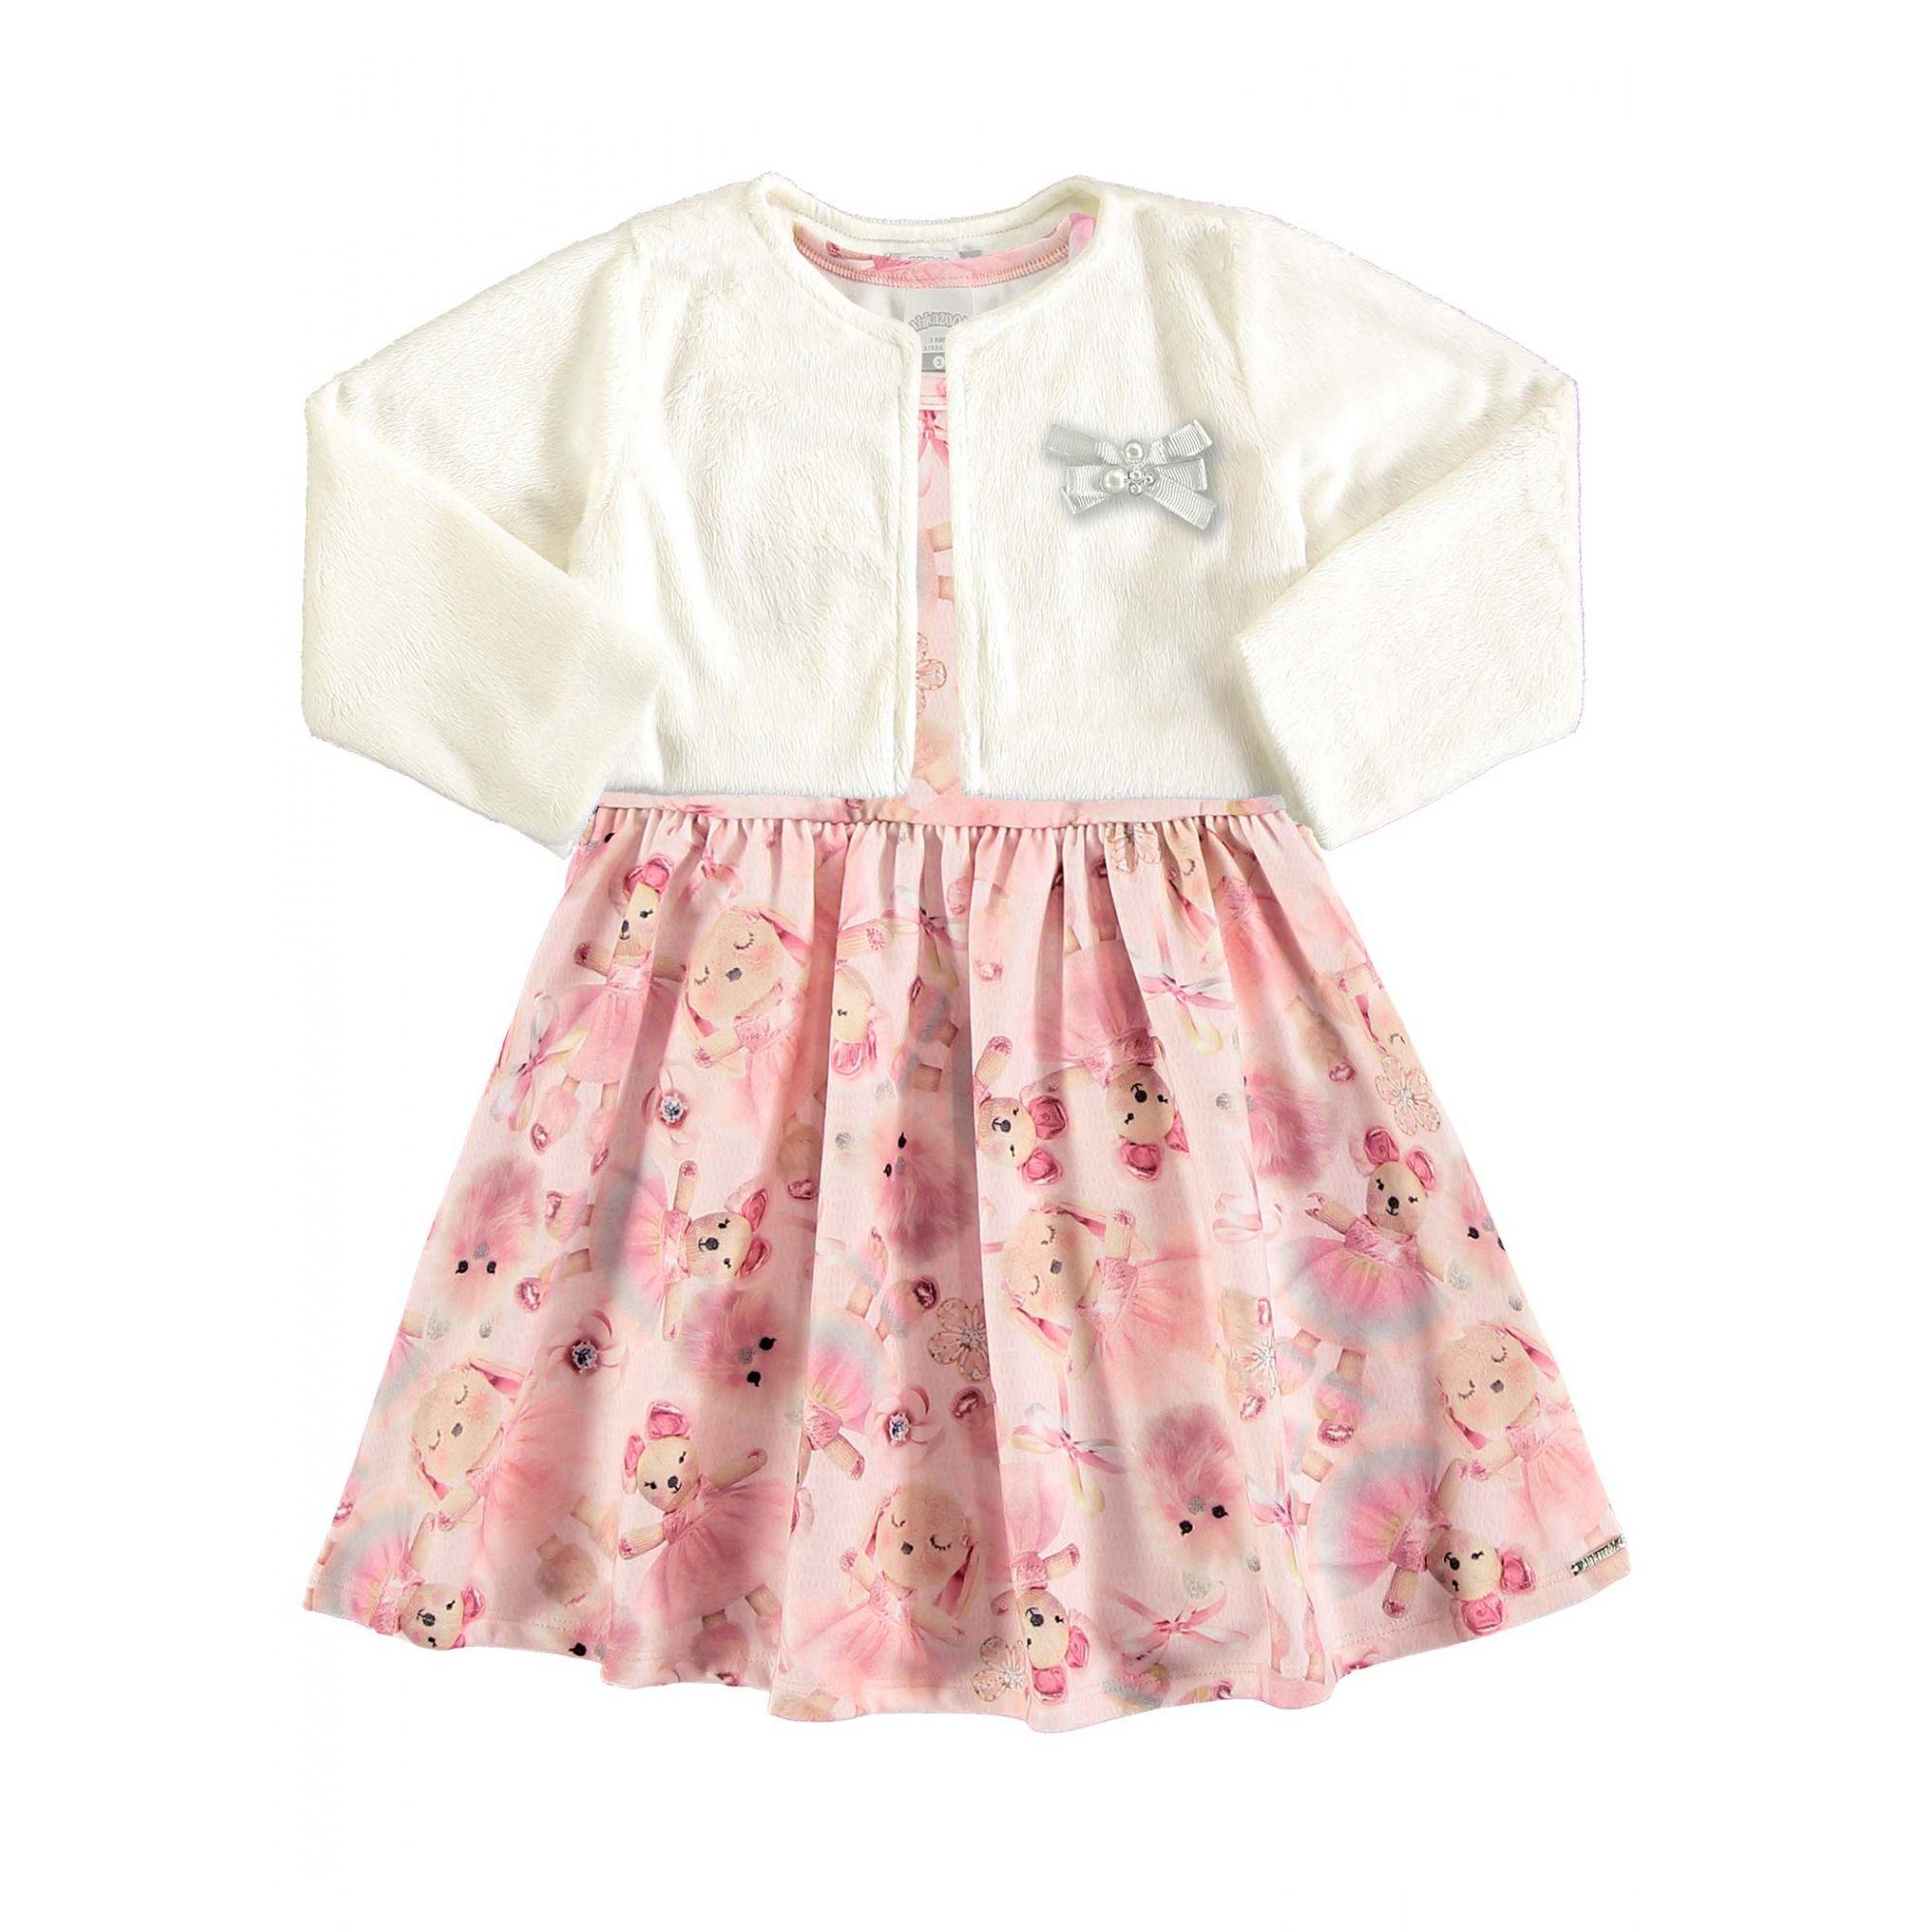 Vestido Infantil Inverno Branco Cute Alakazoo